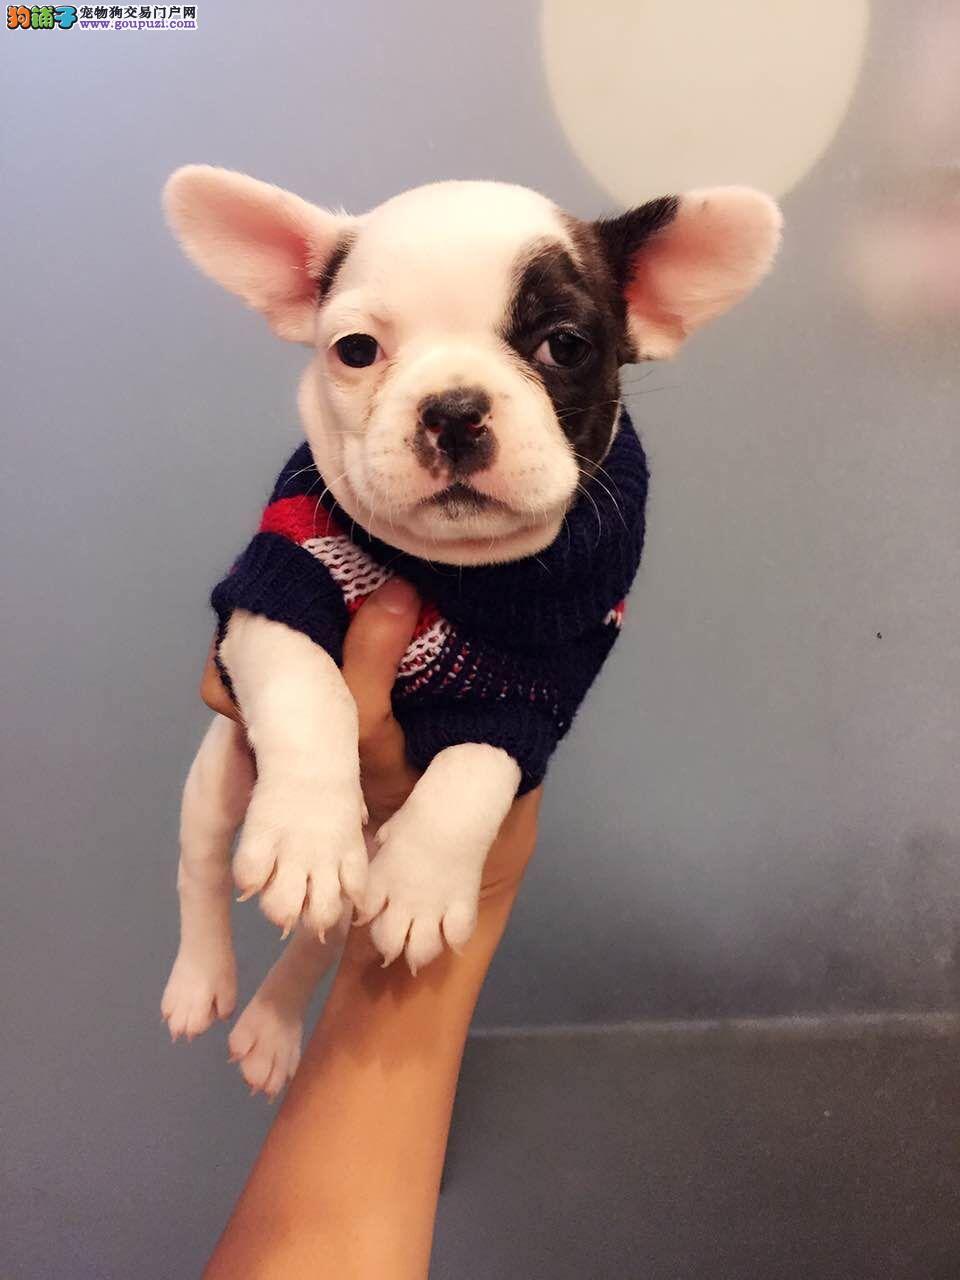 济南出售极品法国斗牛犬幼犬完美品相期待您的光临1